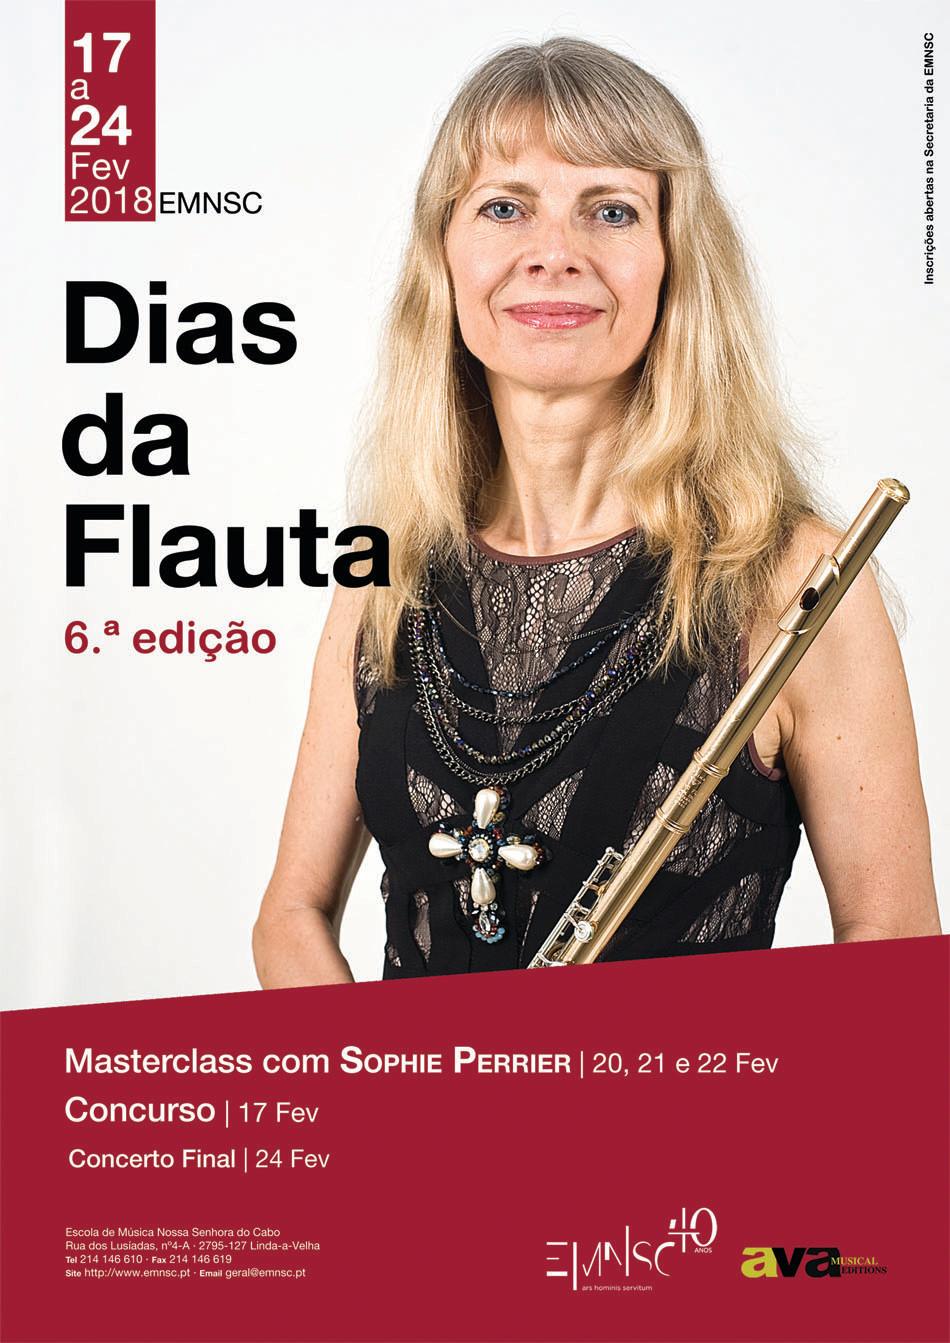 Dias da Flauta 2018